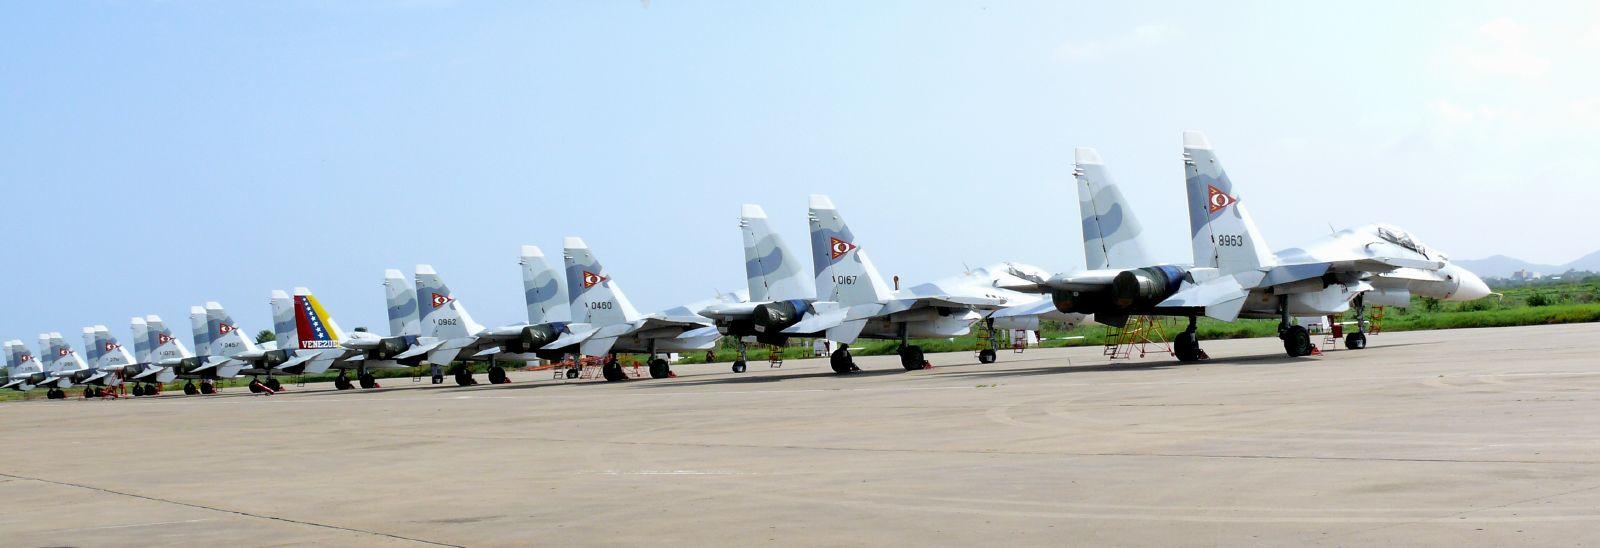 Novos contratos para as Forças Armadas Venezoelanas